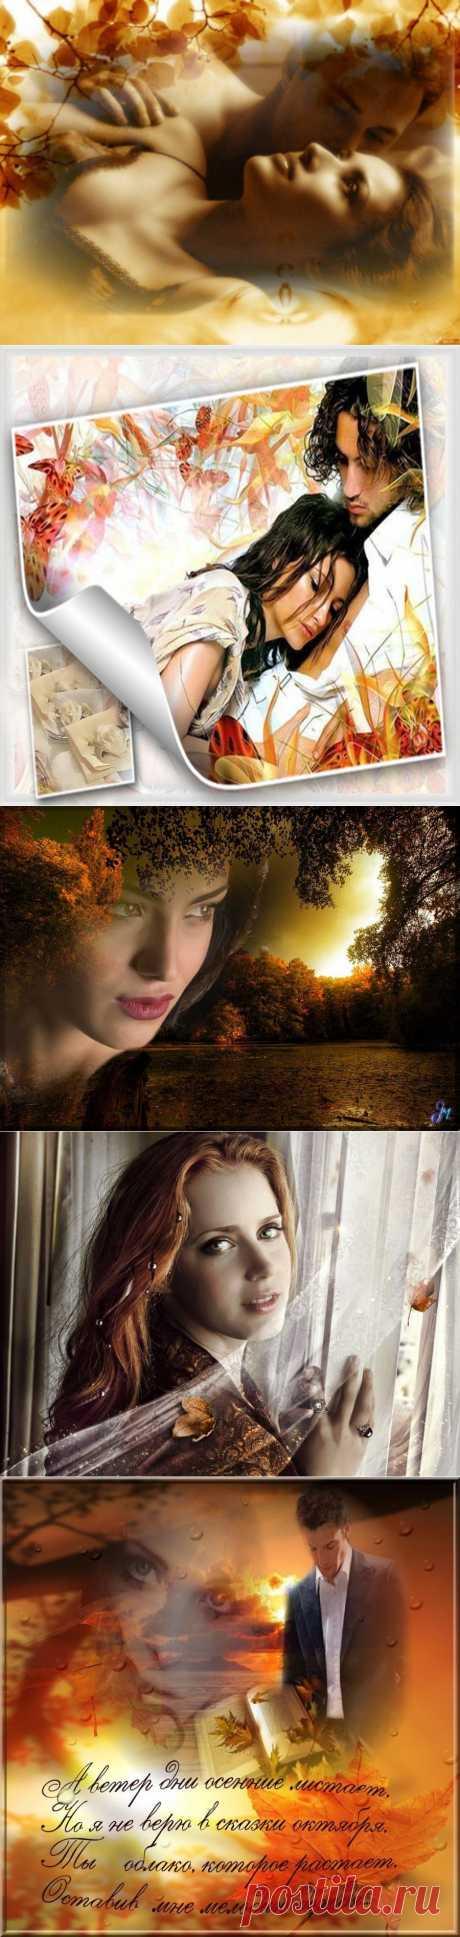 """Осень и любовь!.   Ах, осень… Сколько воспето весенних страстей, пробуждающихся вместе с пением соловья и цветением кустарников, увеличением количества мини-юбок на выбеленных первым весенним солнцем улицах, и сколько незаслуженных упреков к осени – мол, печаль, дождь, """"сентябрь провода качает"""" - что, само собой, как-то сразу рифмуется с """"печалью""""…"""